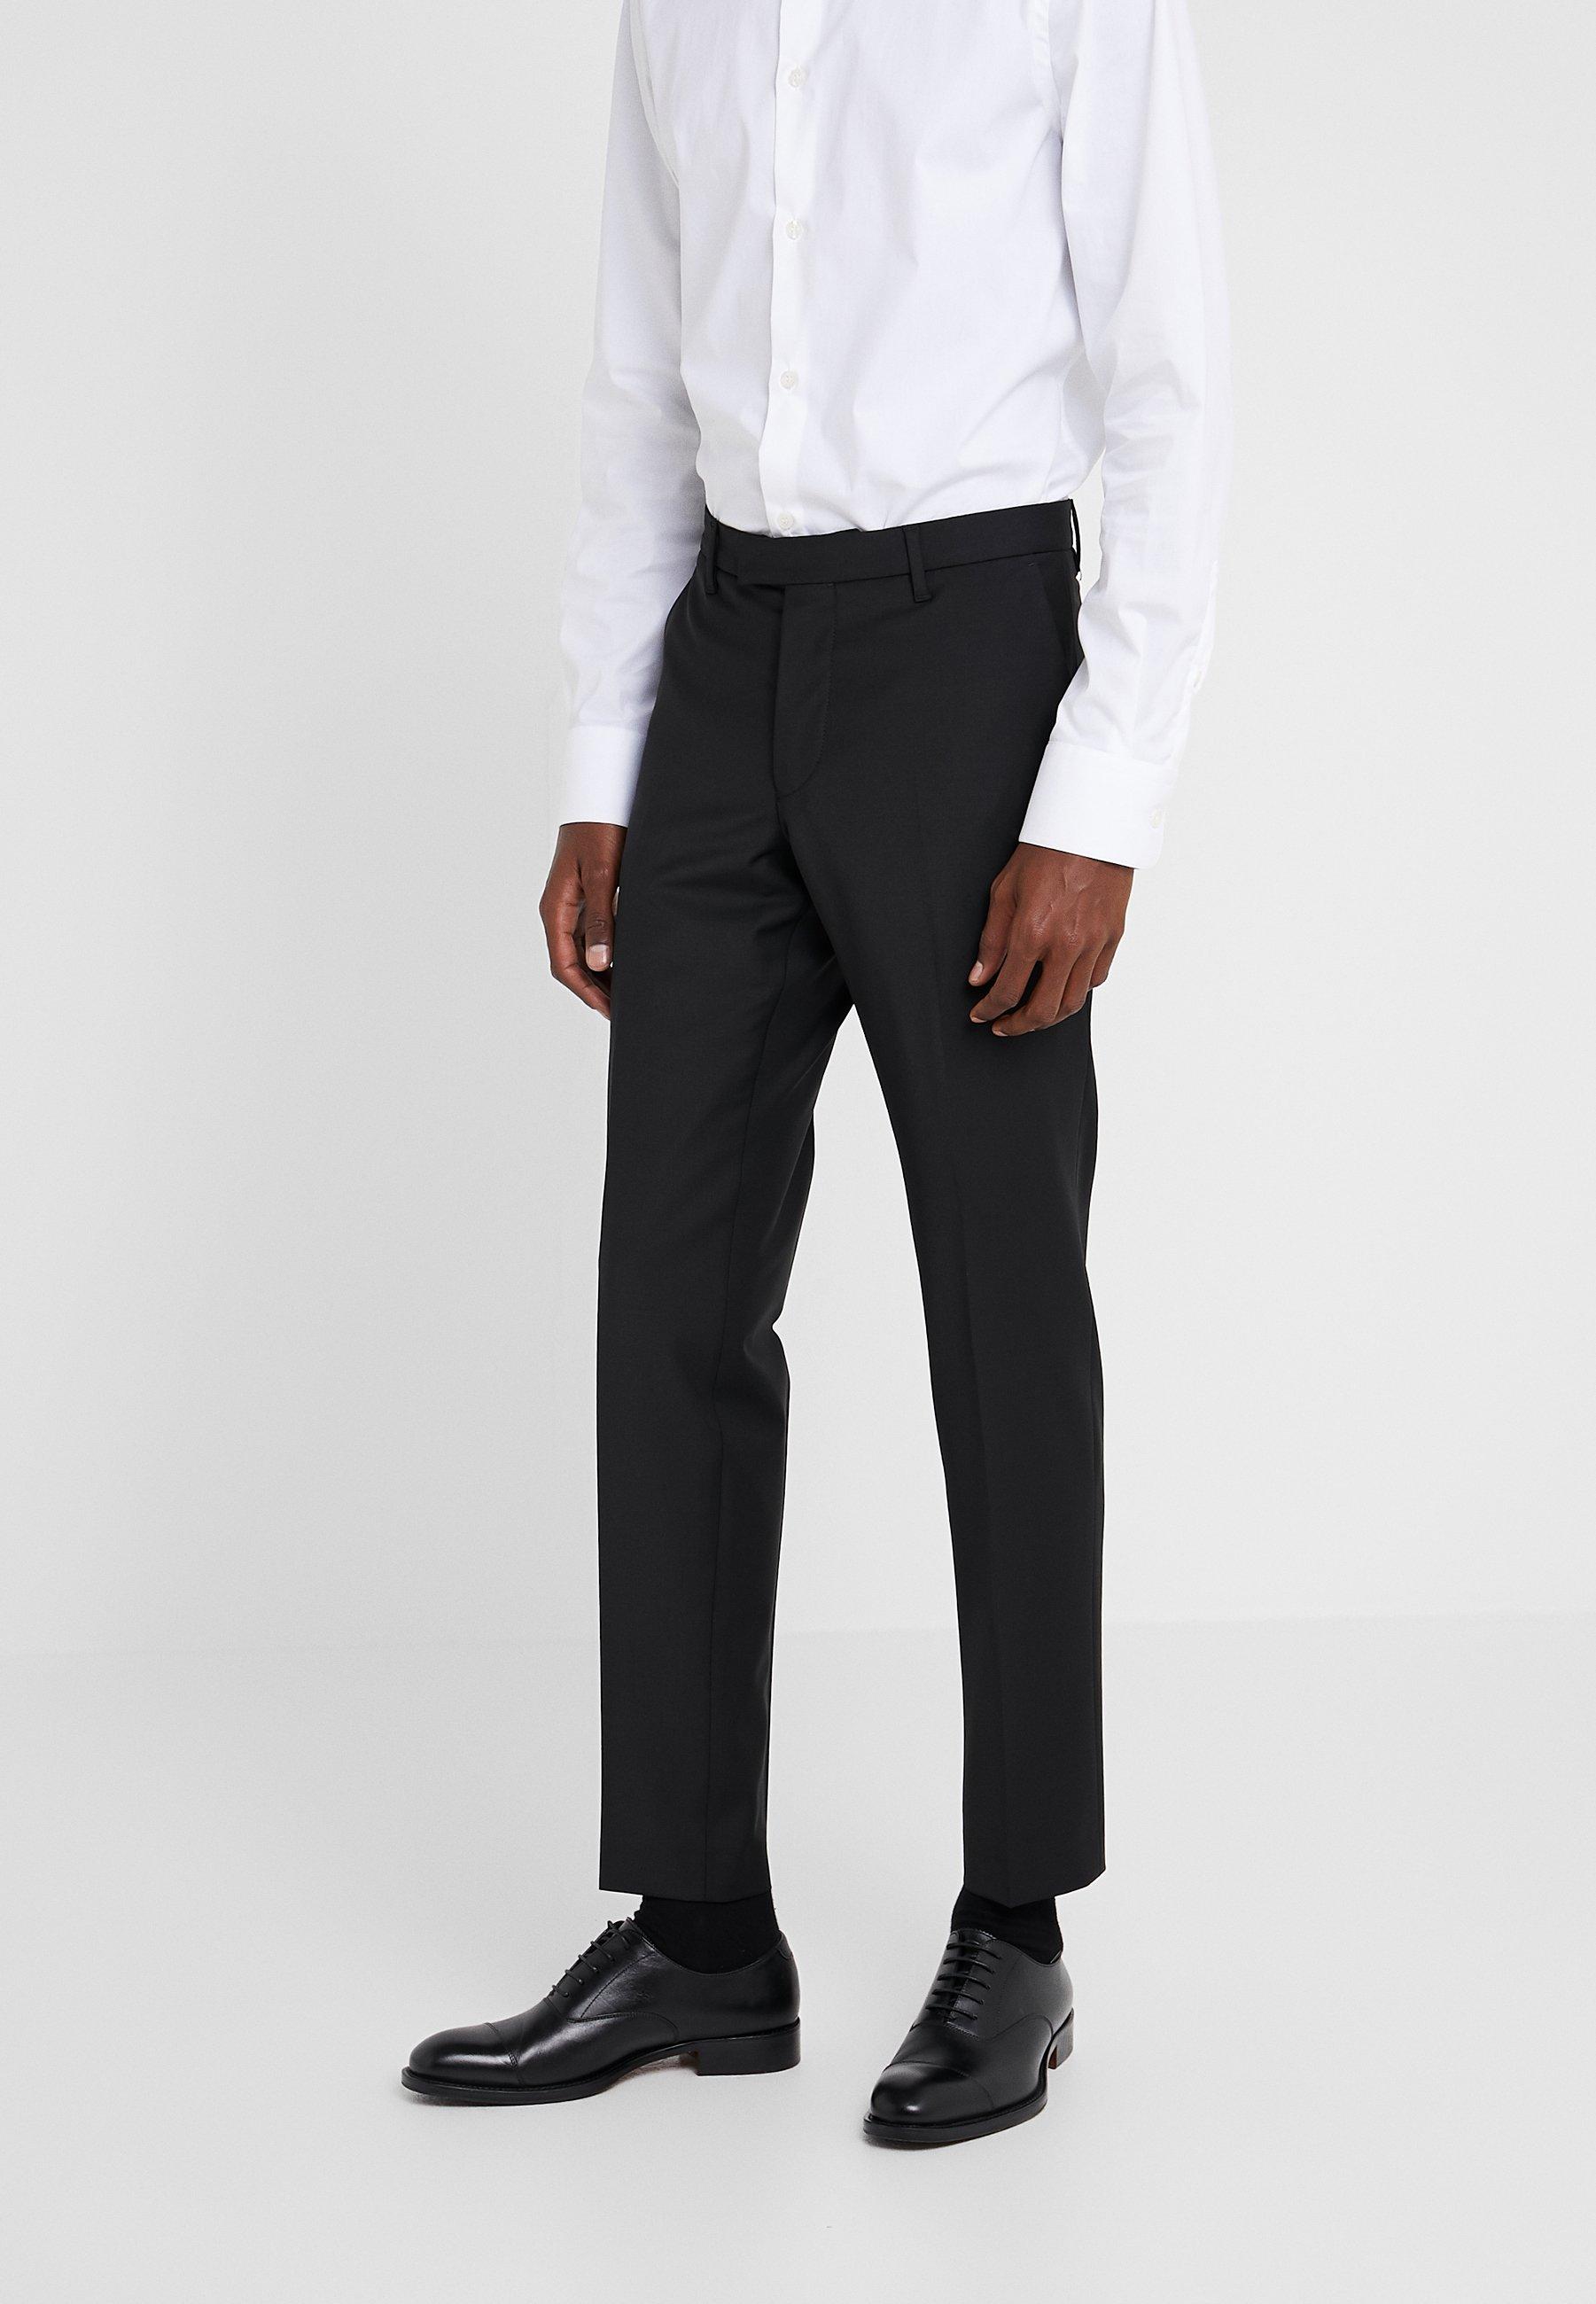 Homme PIET - Pantalon classique - black